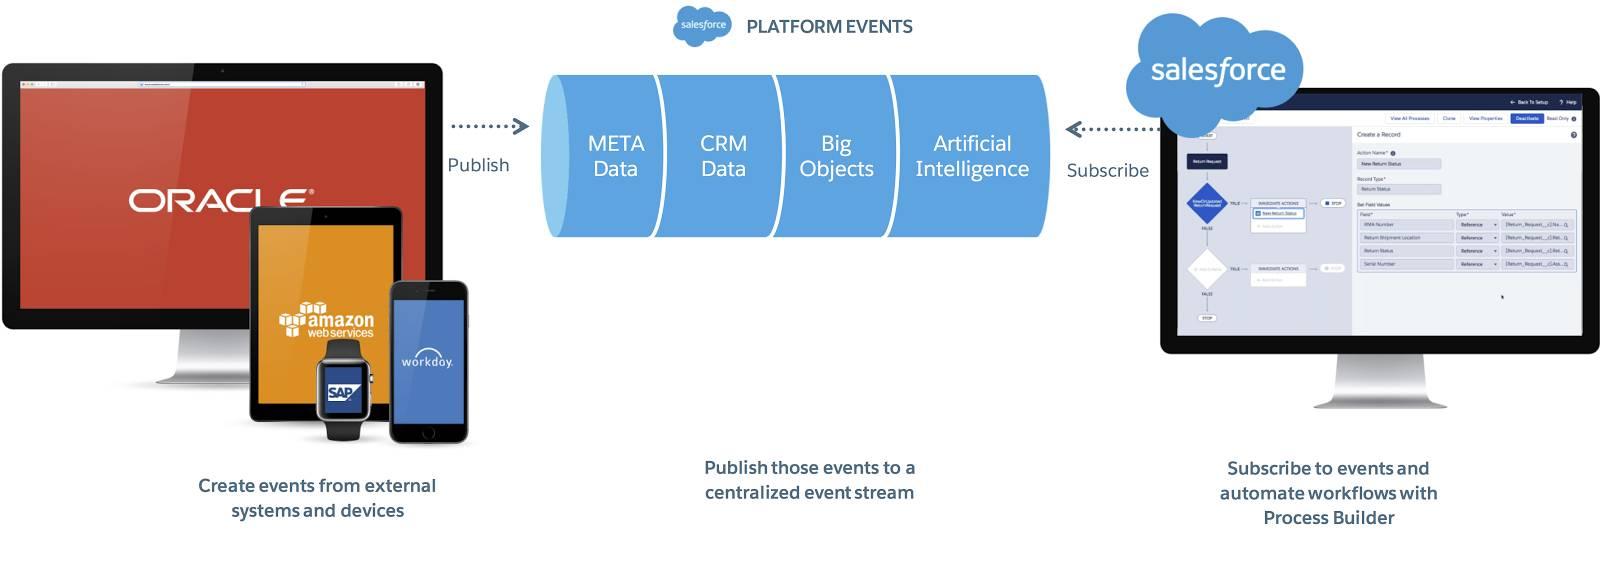 Infografik, die zeigt, wie Salesforce auf Ereignisse reagiert, beginnend mit externen Systemen wie AWS und SAP und übergehend in einen zentralen Ereignisdatenstrom. An dieser Stelle können Sie Ereignisse in Salesforce abonnieren und zur Automatisierung von Prozessen verwenden.